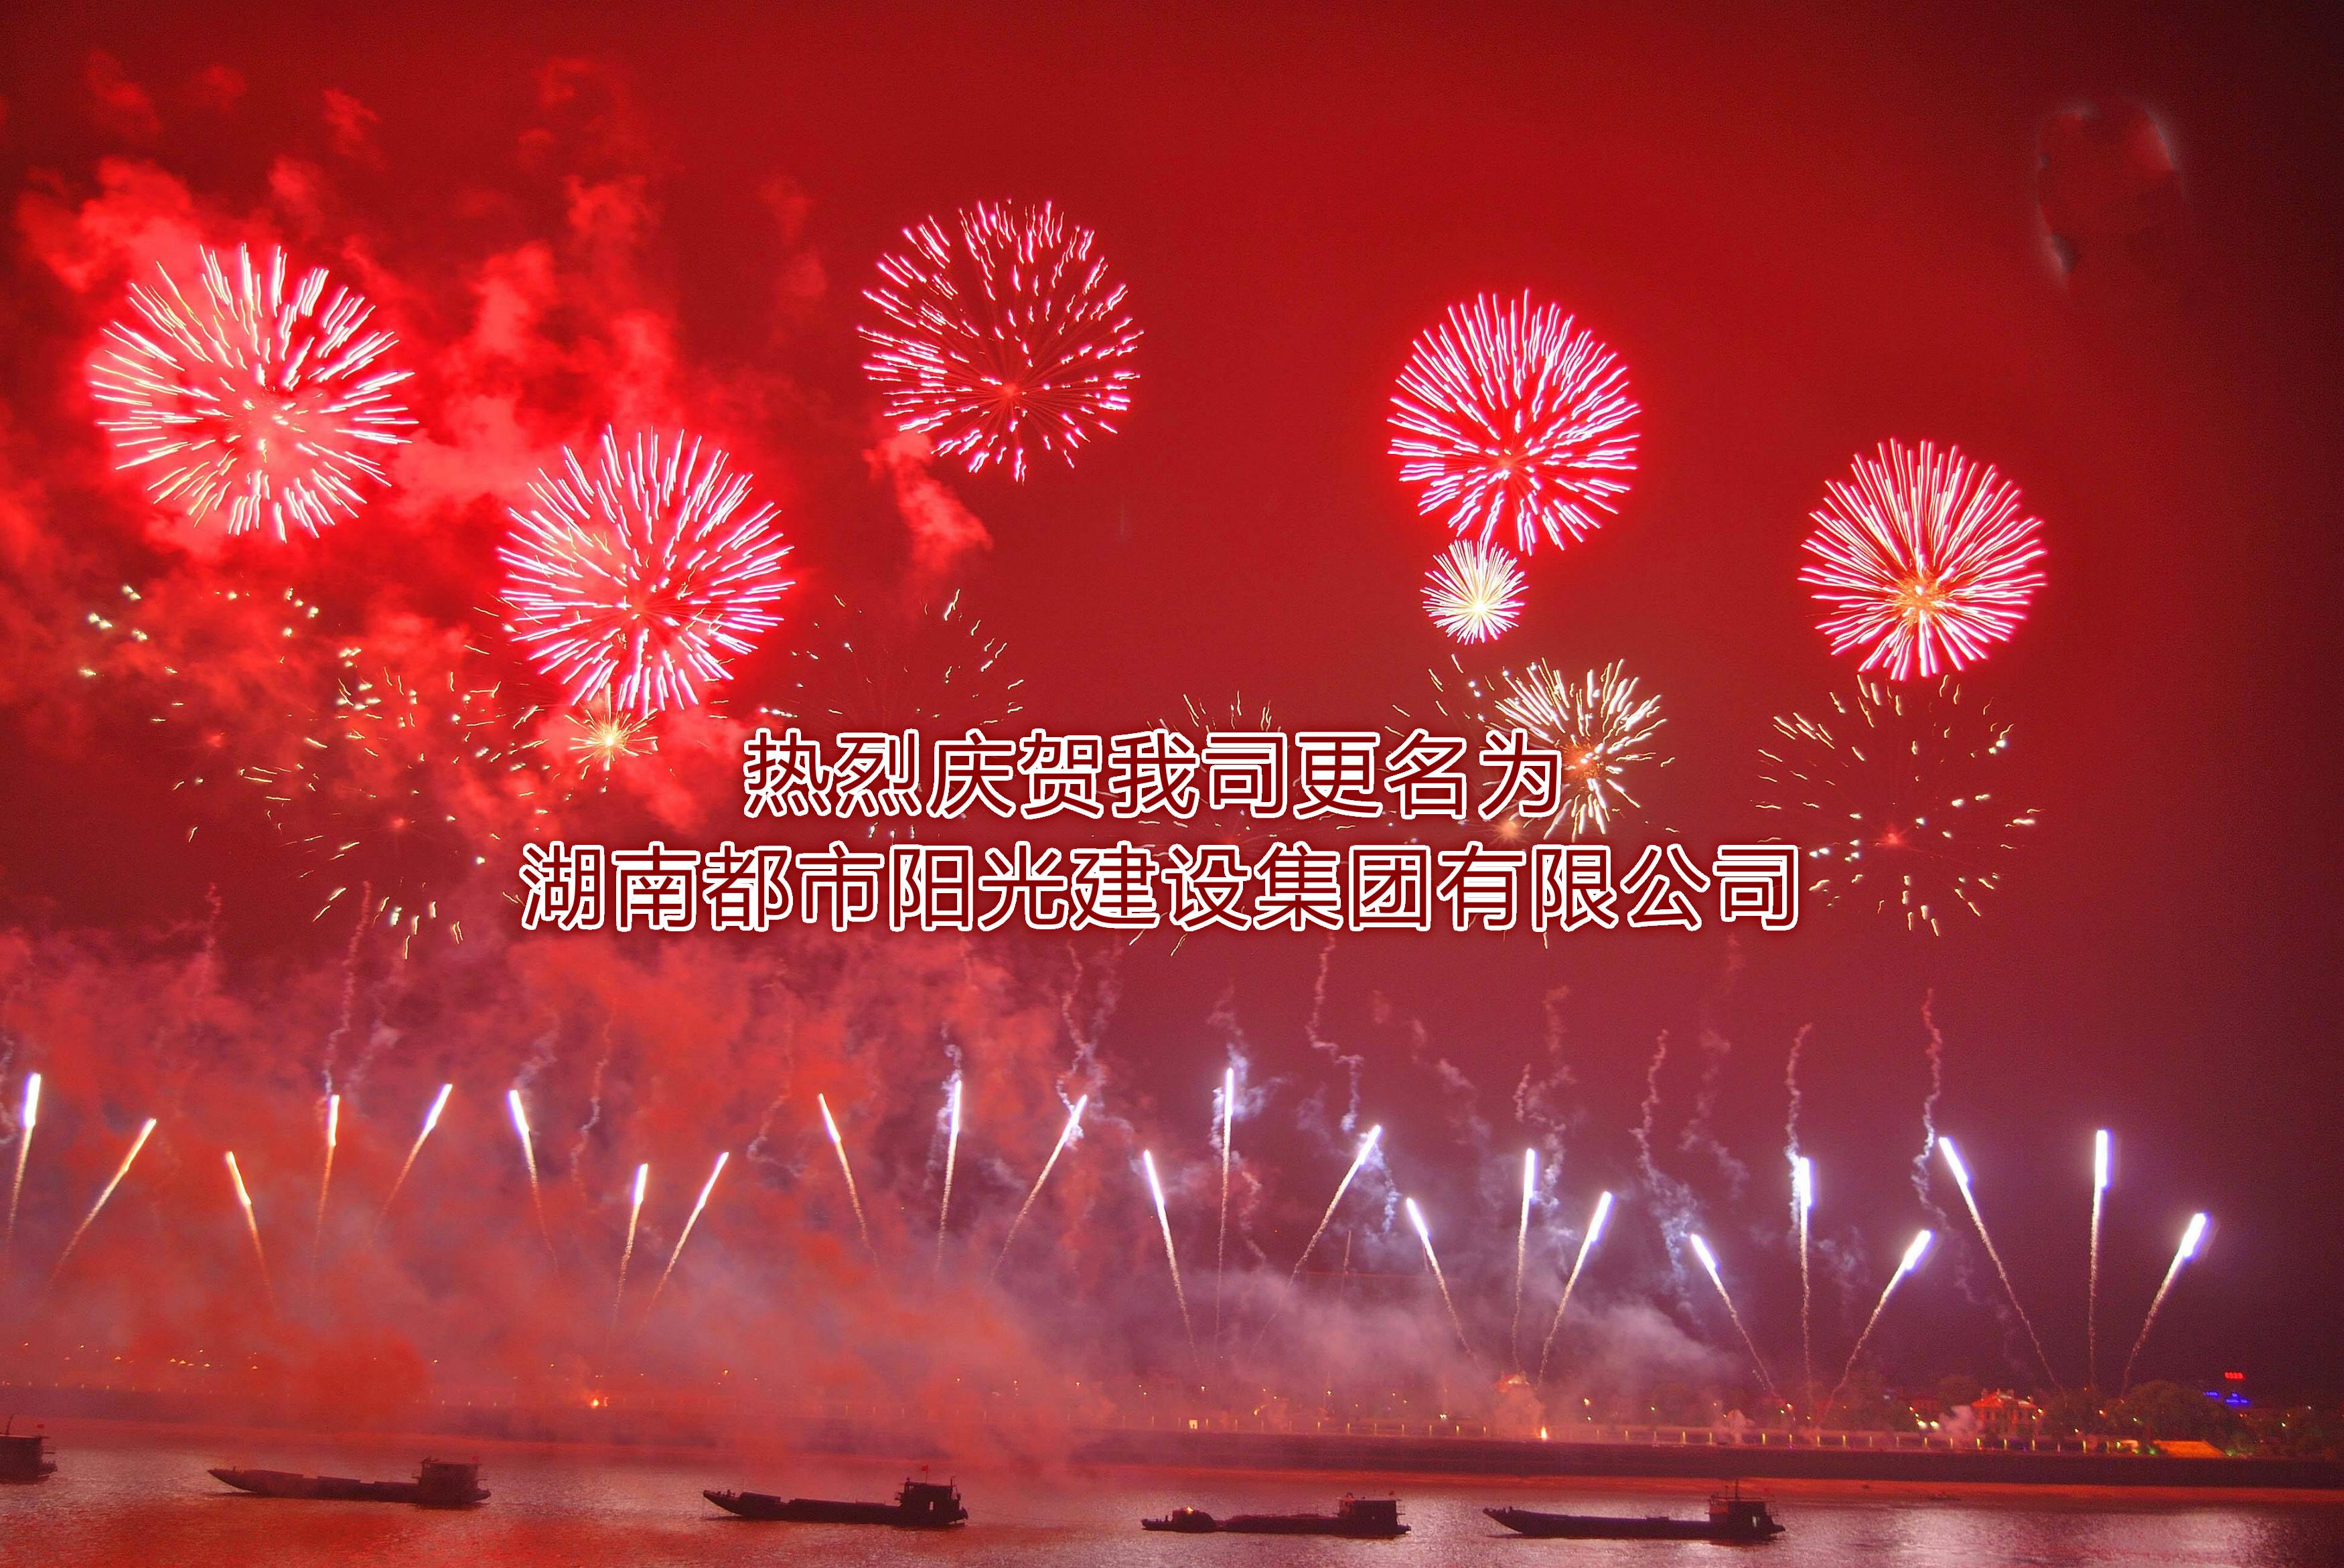 熱烈祝賀公司更名為湖南都市陽光建設集團有限公司